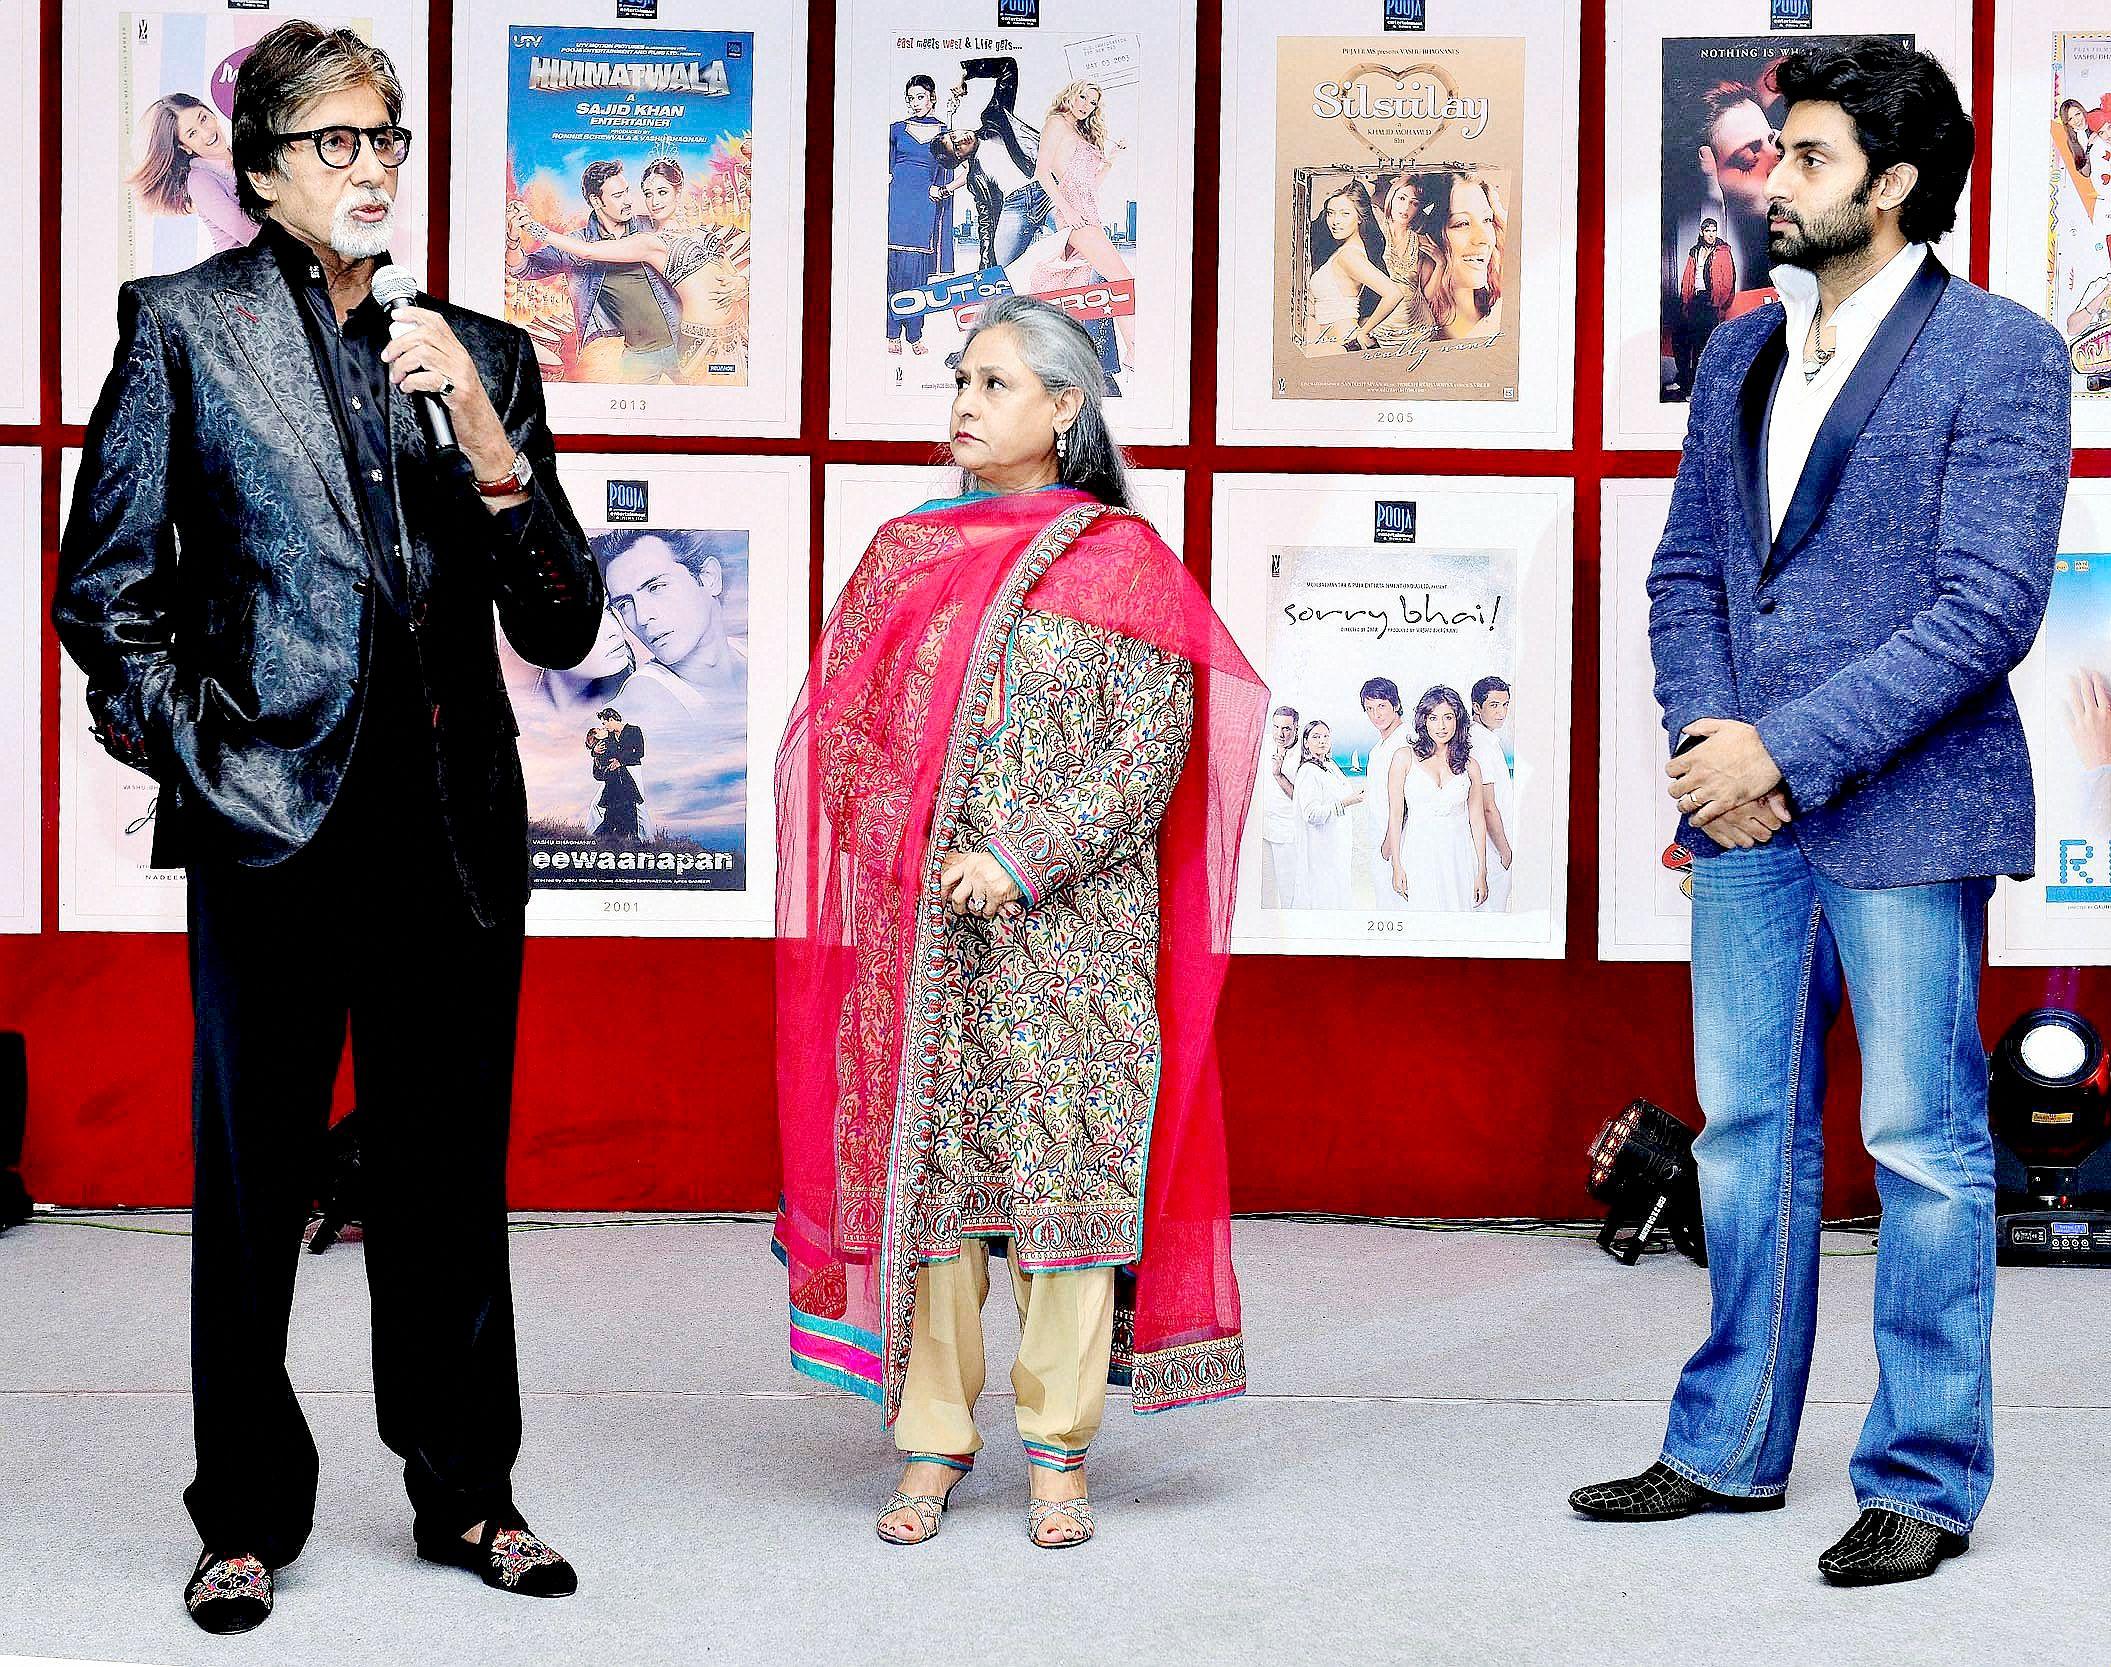 Amitabh Bachchan, Jaya Bachchan and Abhishek Bachchan